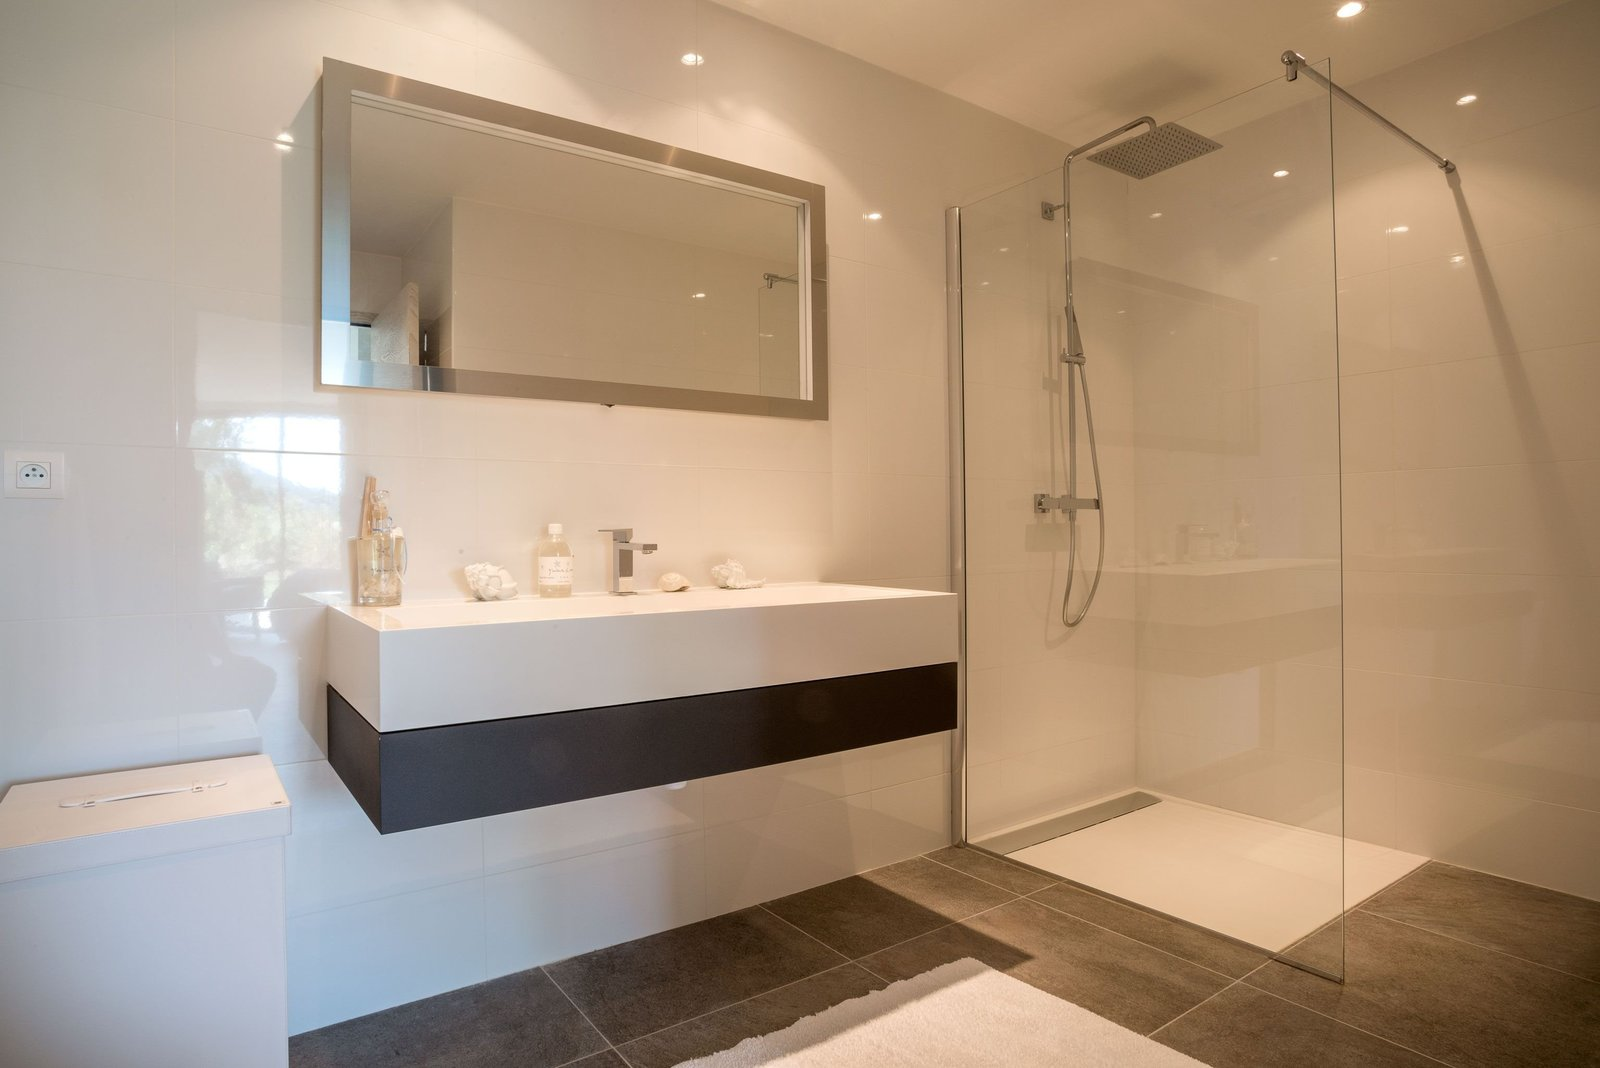 isolation thermique et acoustique dans une salle d 39 eau. Black Bedroom Furniture Sets. Home Design Ideas